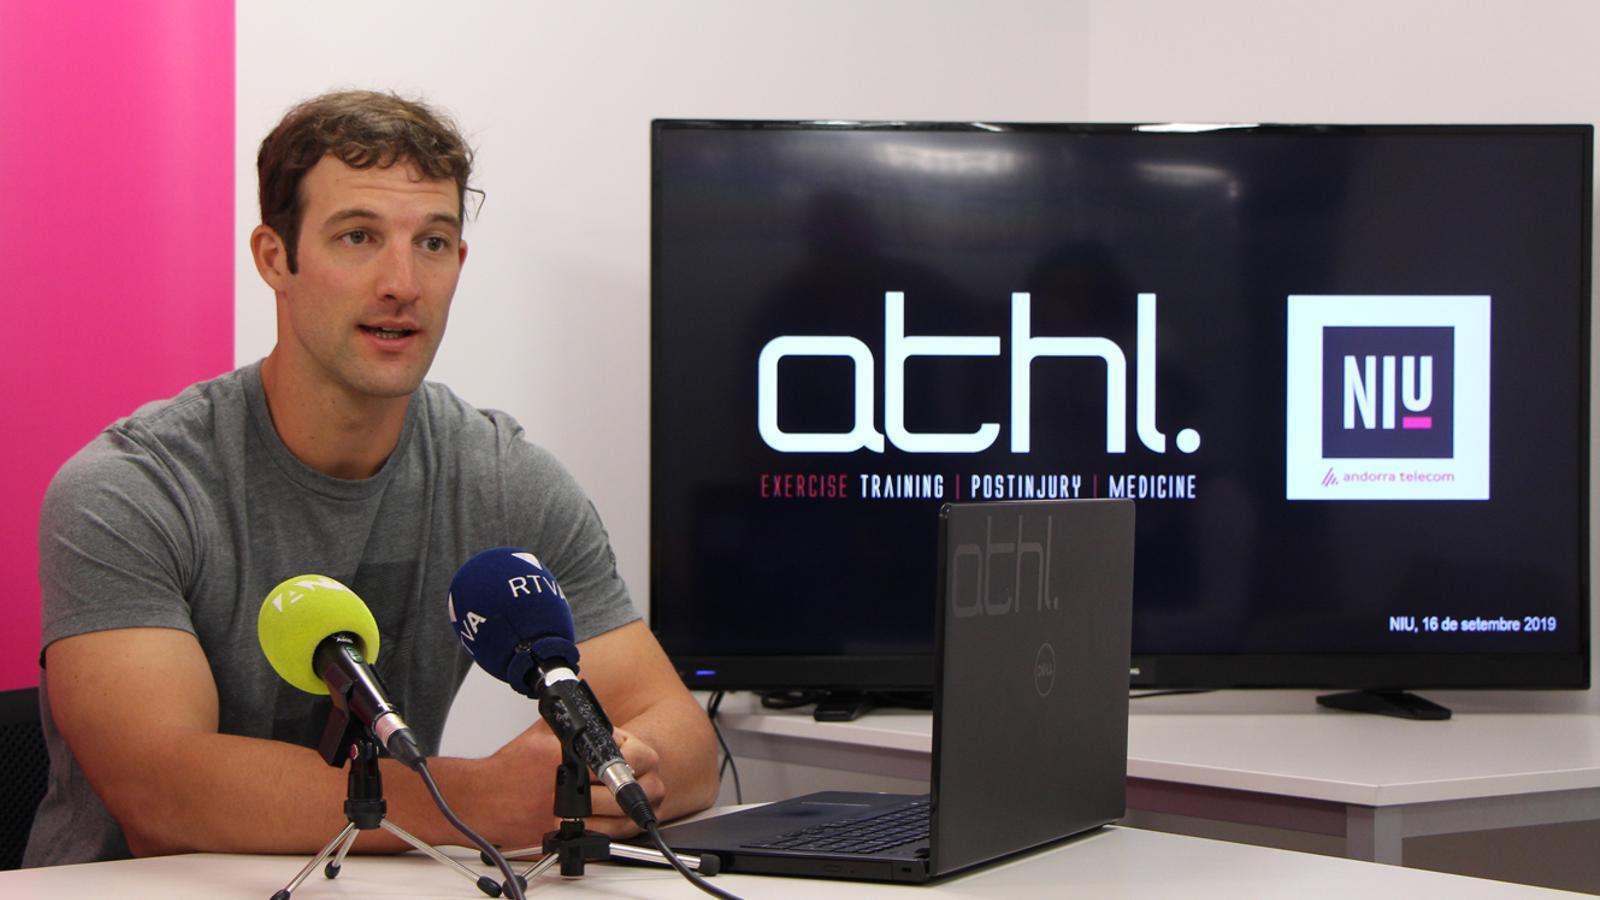 L'emprenedor Albert Piñol, durant la presentació de l'aplicació ATHL Exercise. / M. P. (ANA)